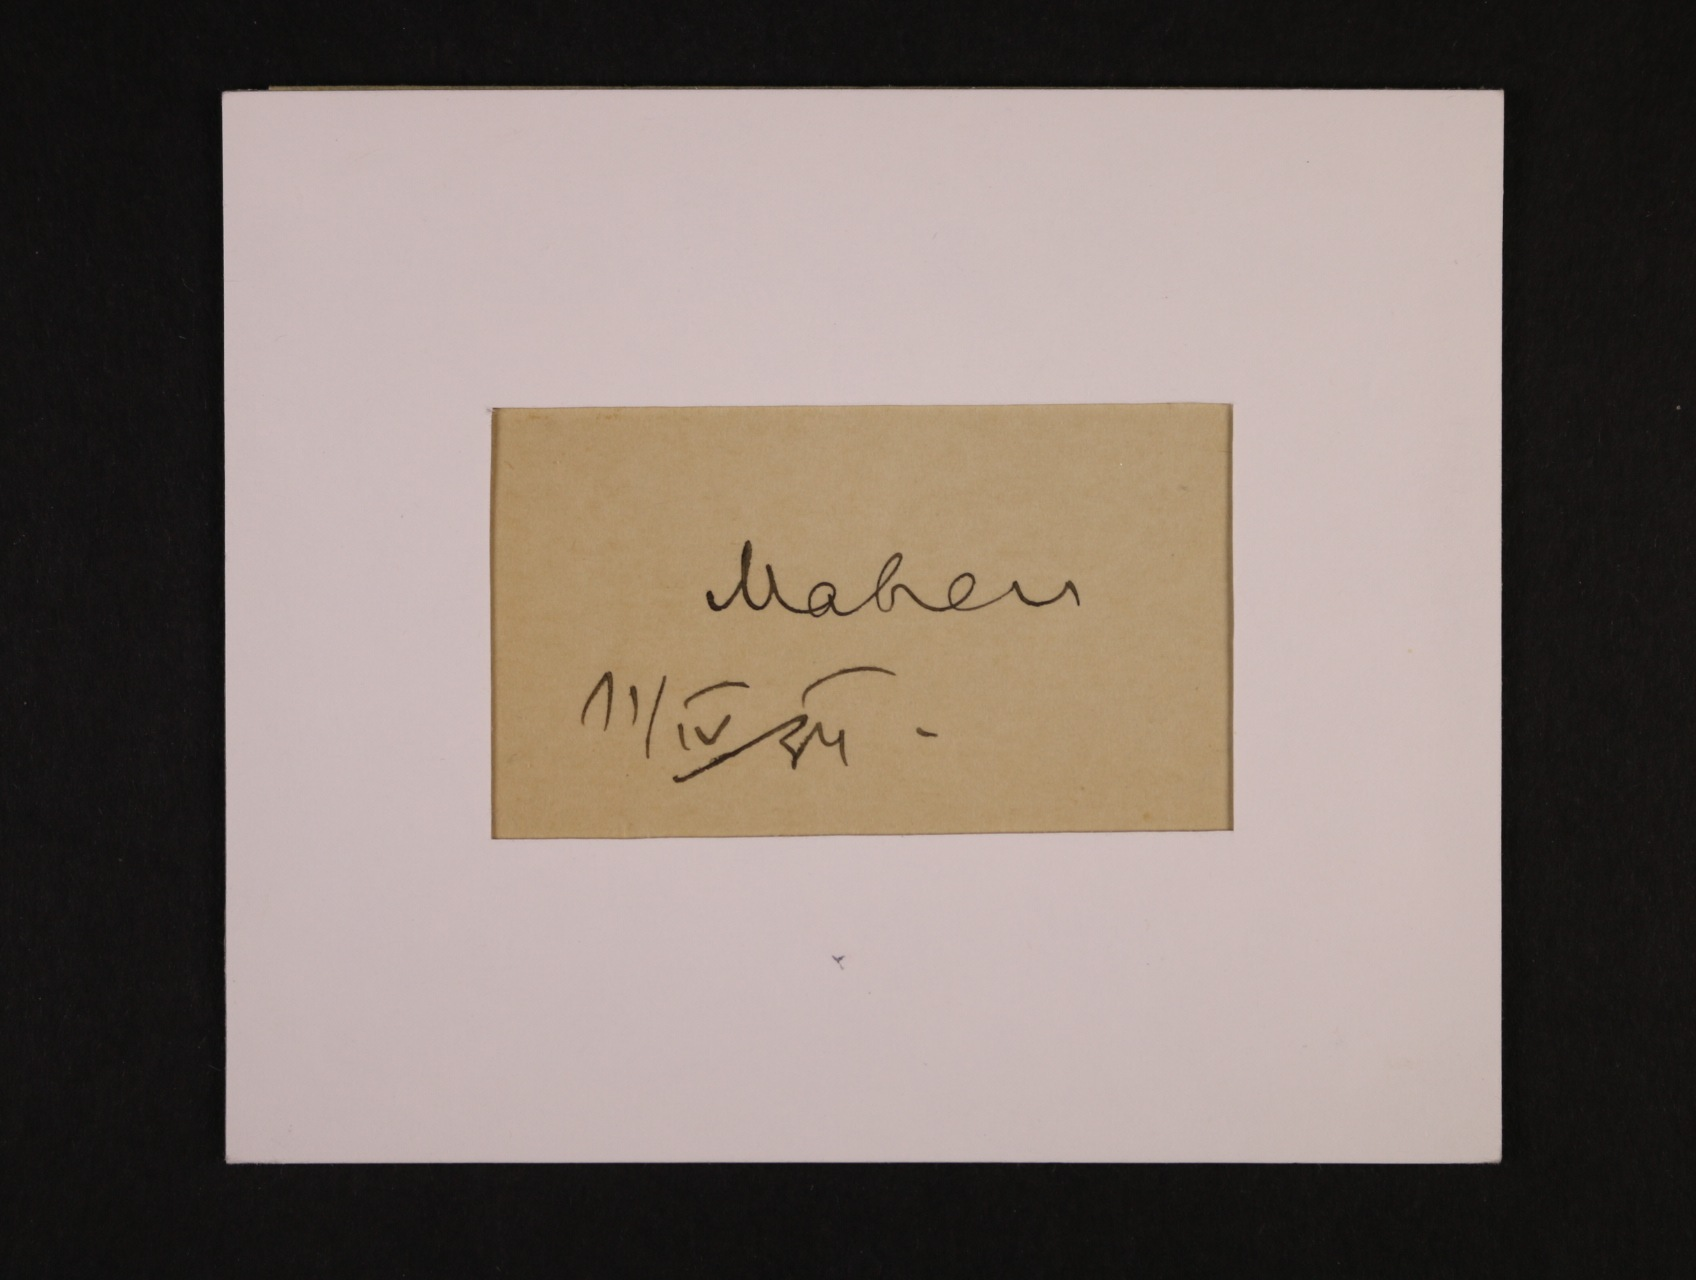 Mahen Jiří 1882 - 1935, český spisovatel a dramatik - ústřižek papíru s valstnoručním podpisem a datací 11.4.24